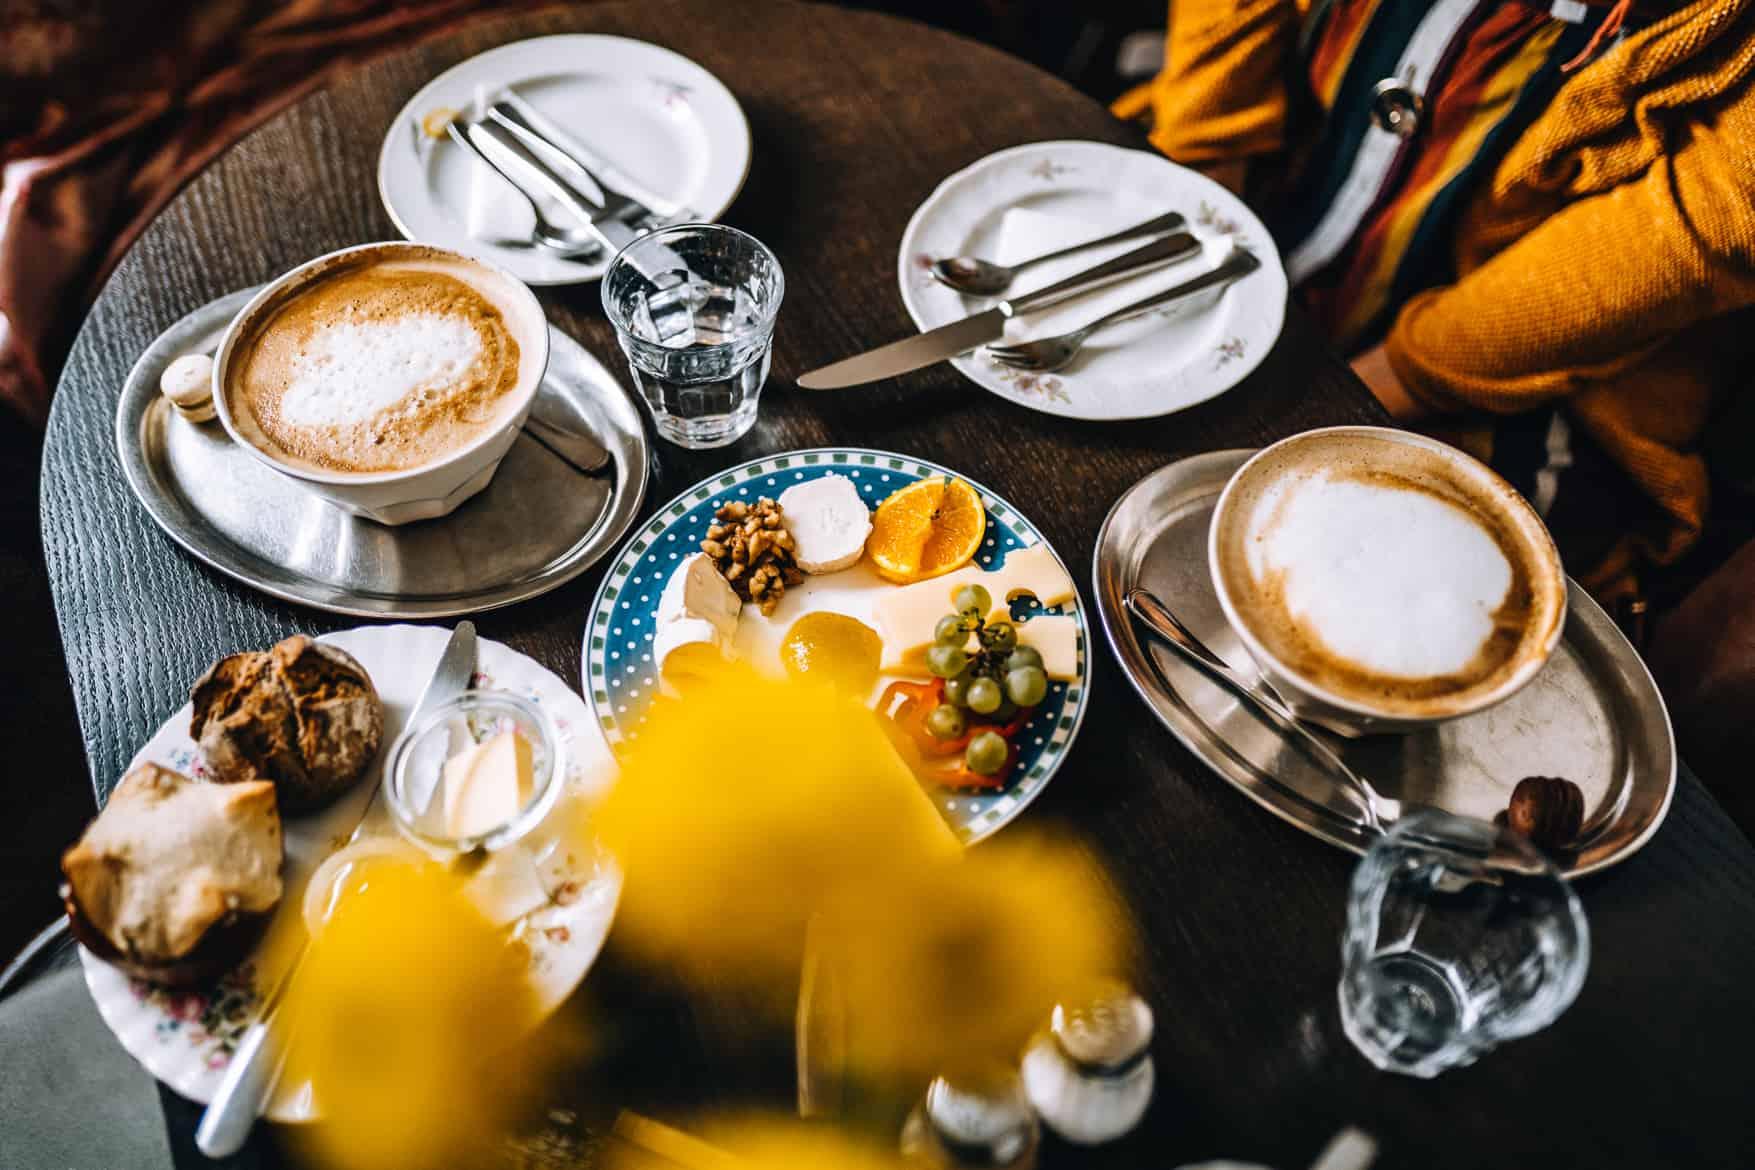 Stuttgart im Herbst - Cannstatter Wasen, Kürbisfestival & #tastyStuttgart: Frühstück bei Tart & Törtchen